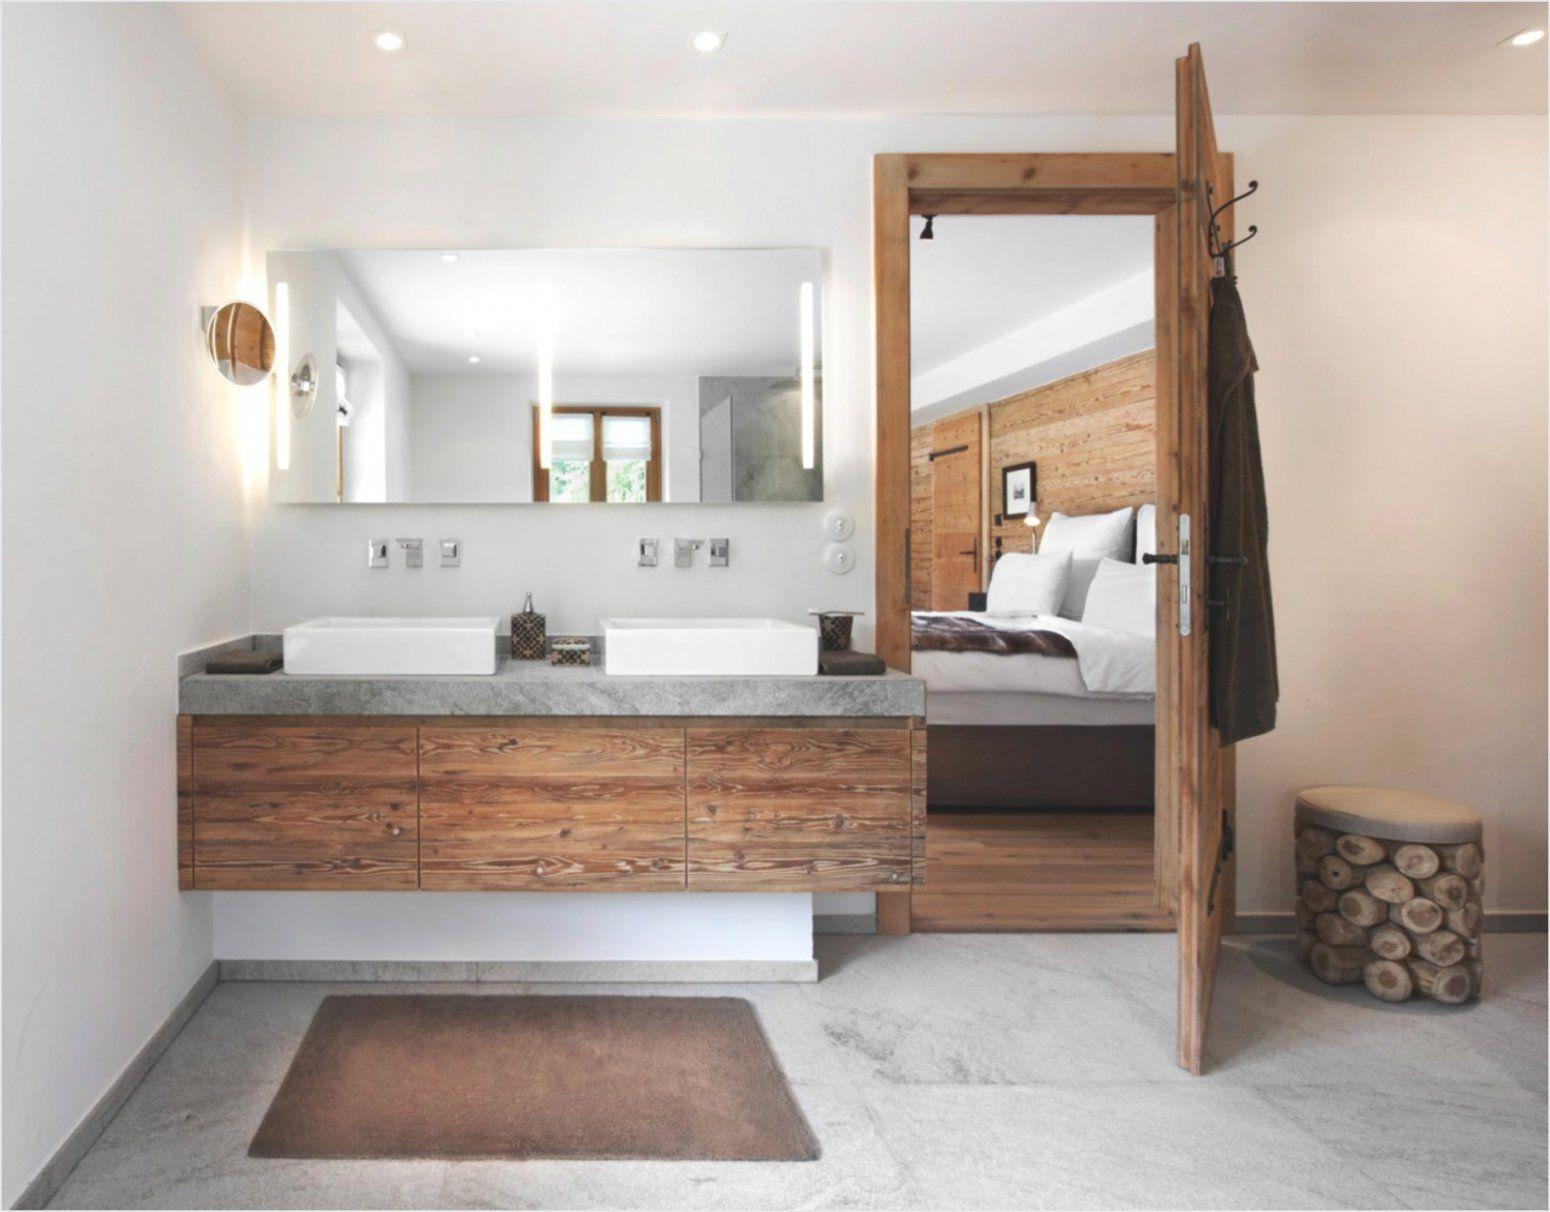 Badezimmer Ideen Holz Mit Badezimmer Ideen Mit Holz Ideen 4 Und von Badezimmer Ideen Mit Holz Bild